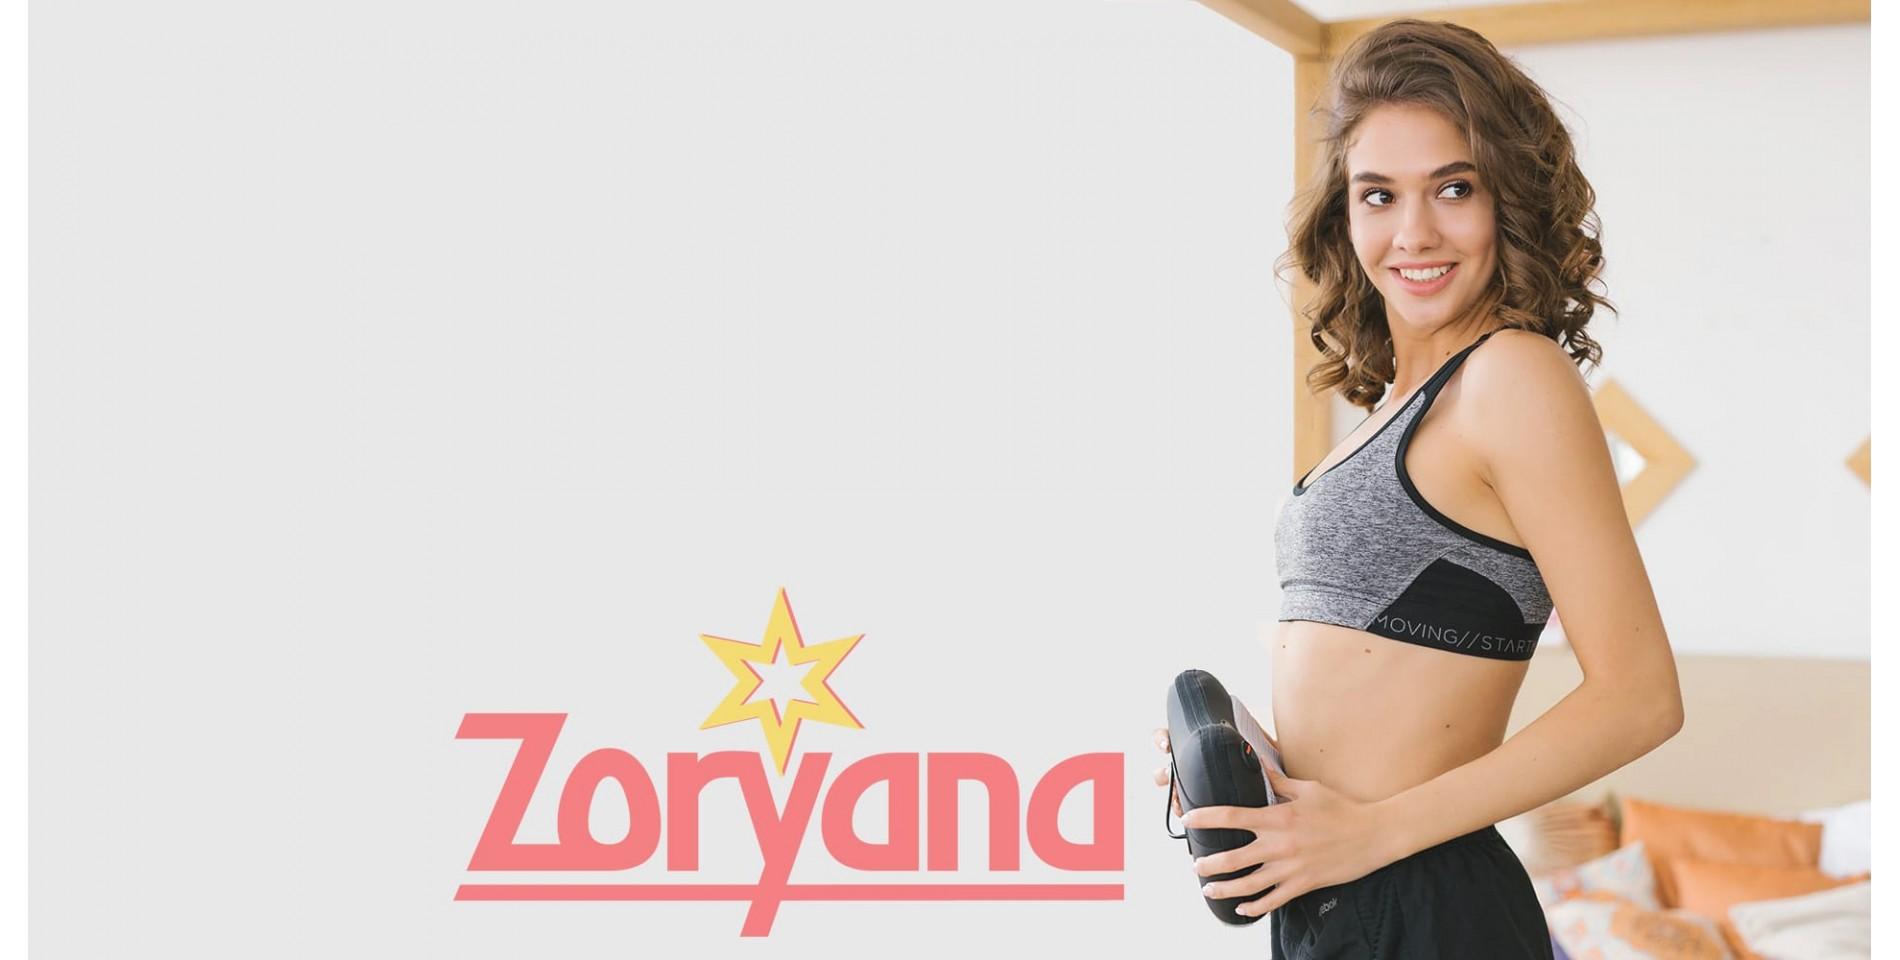 Массажеры Zoryana - забота о вашем здоровье!